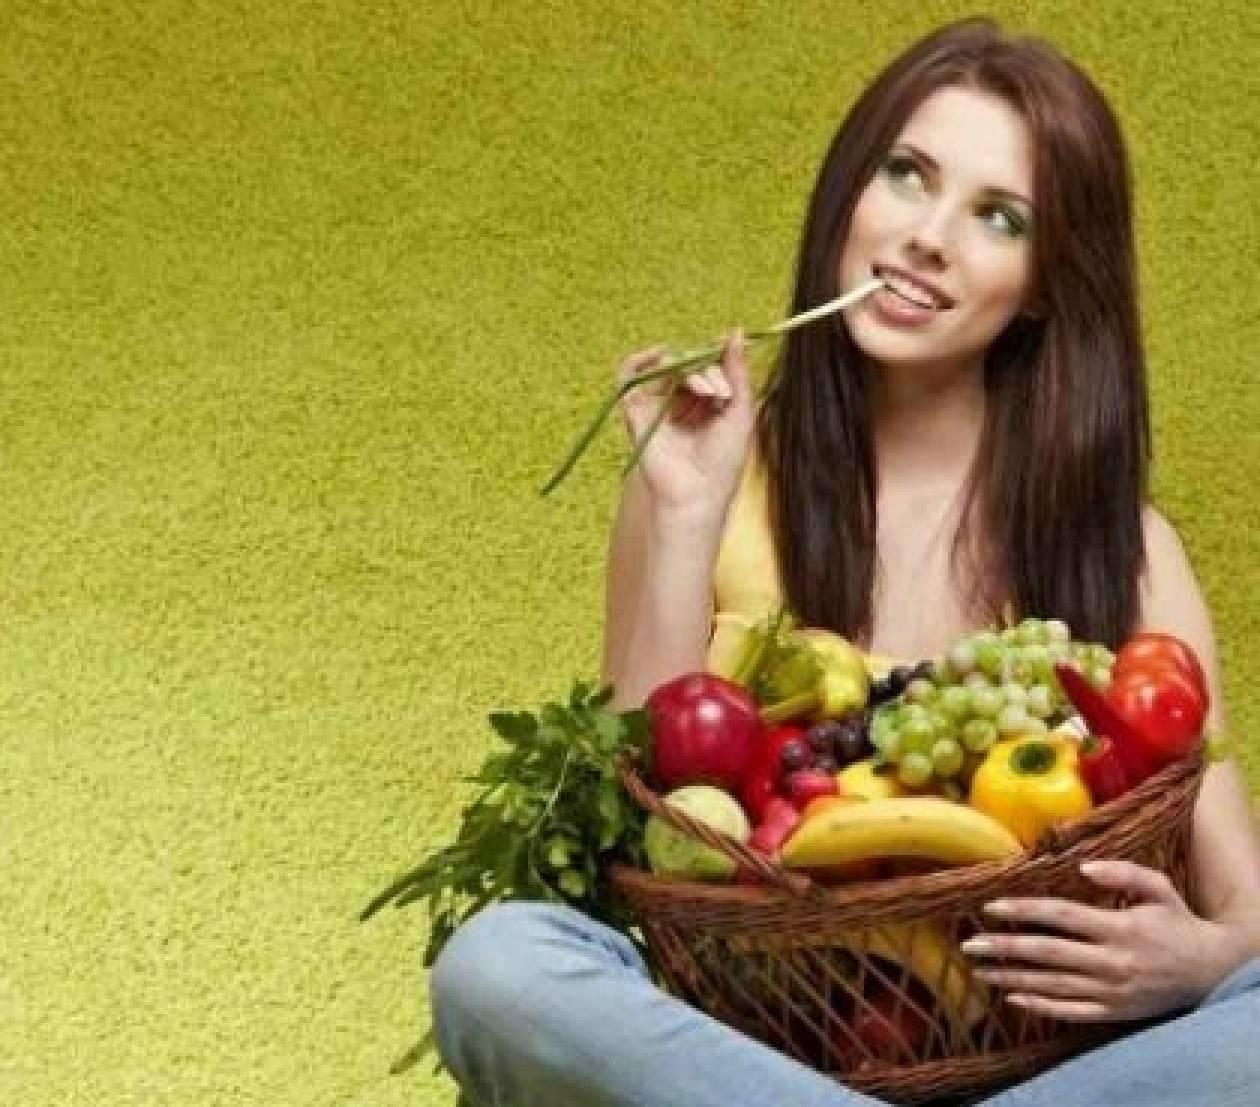 Οι 9 τροφές που κάνουν καλό στην υγεία, την περιφέρεια και την τσέπη